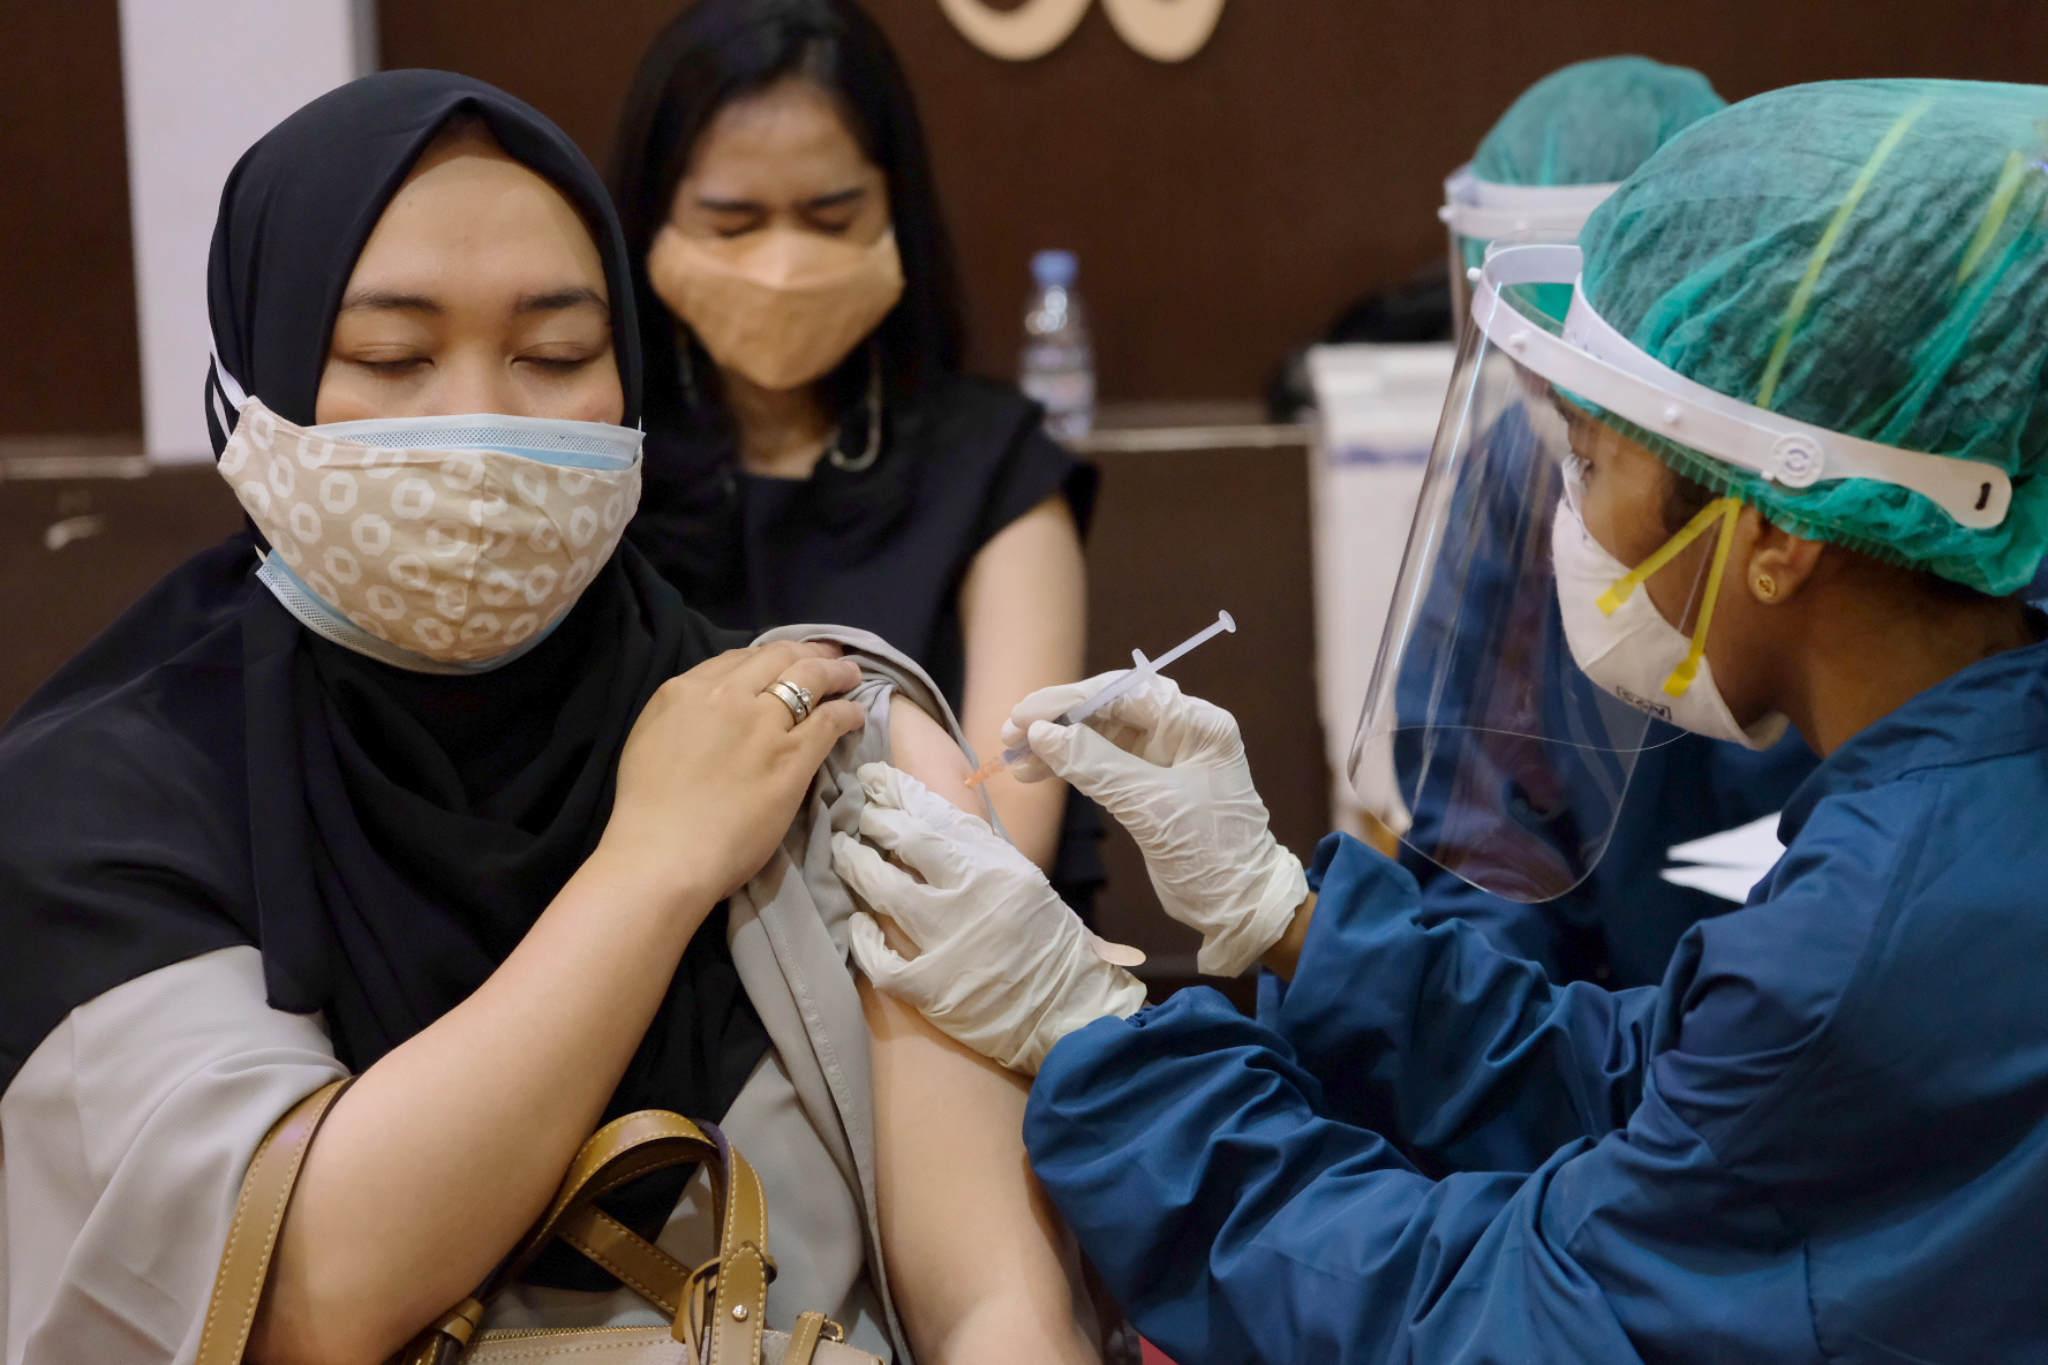 Vaksinasi di 3 Provinsi Ini Masih Rendah, Presentasinya di Bawah 14 Persen